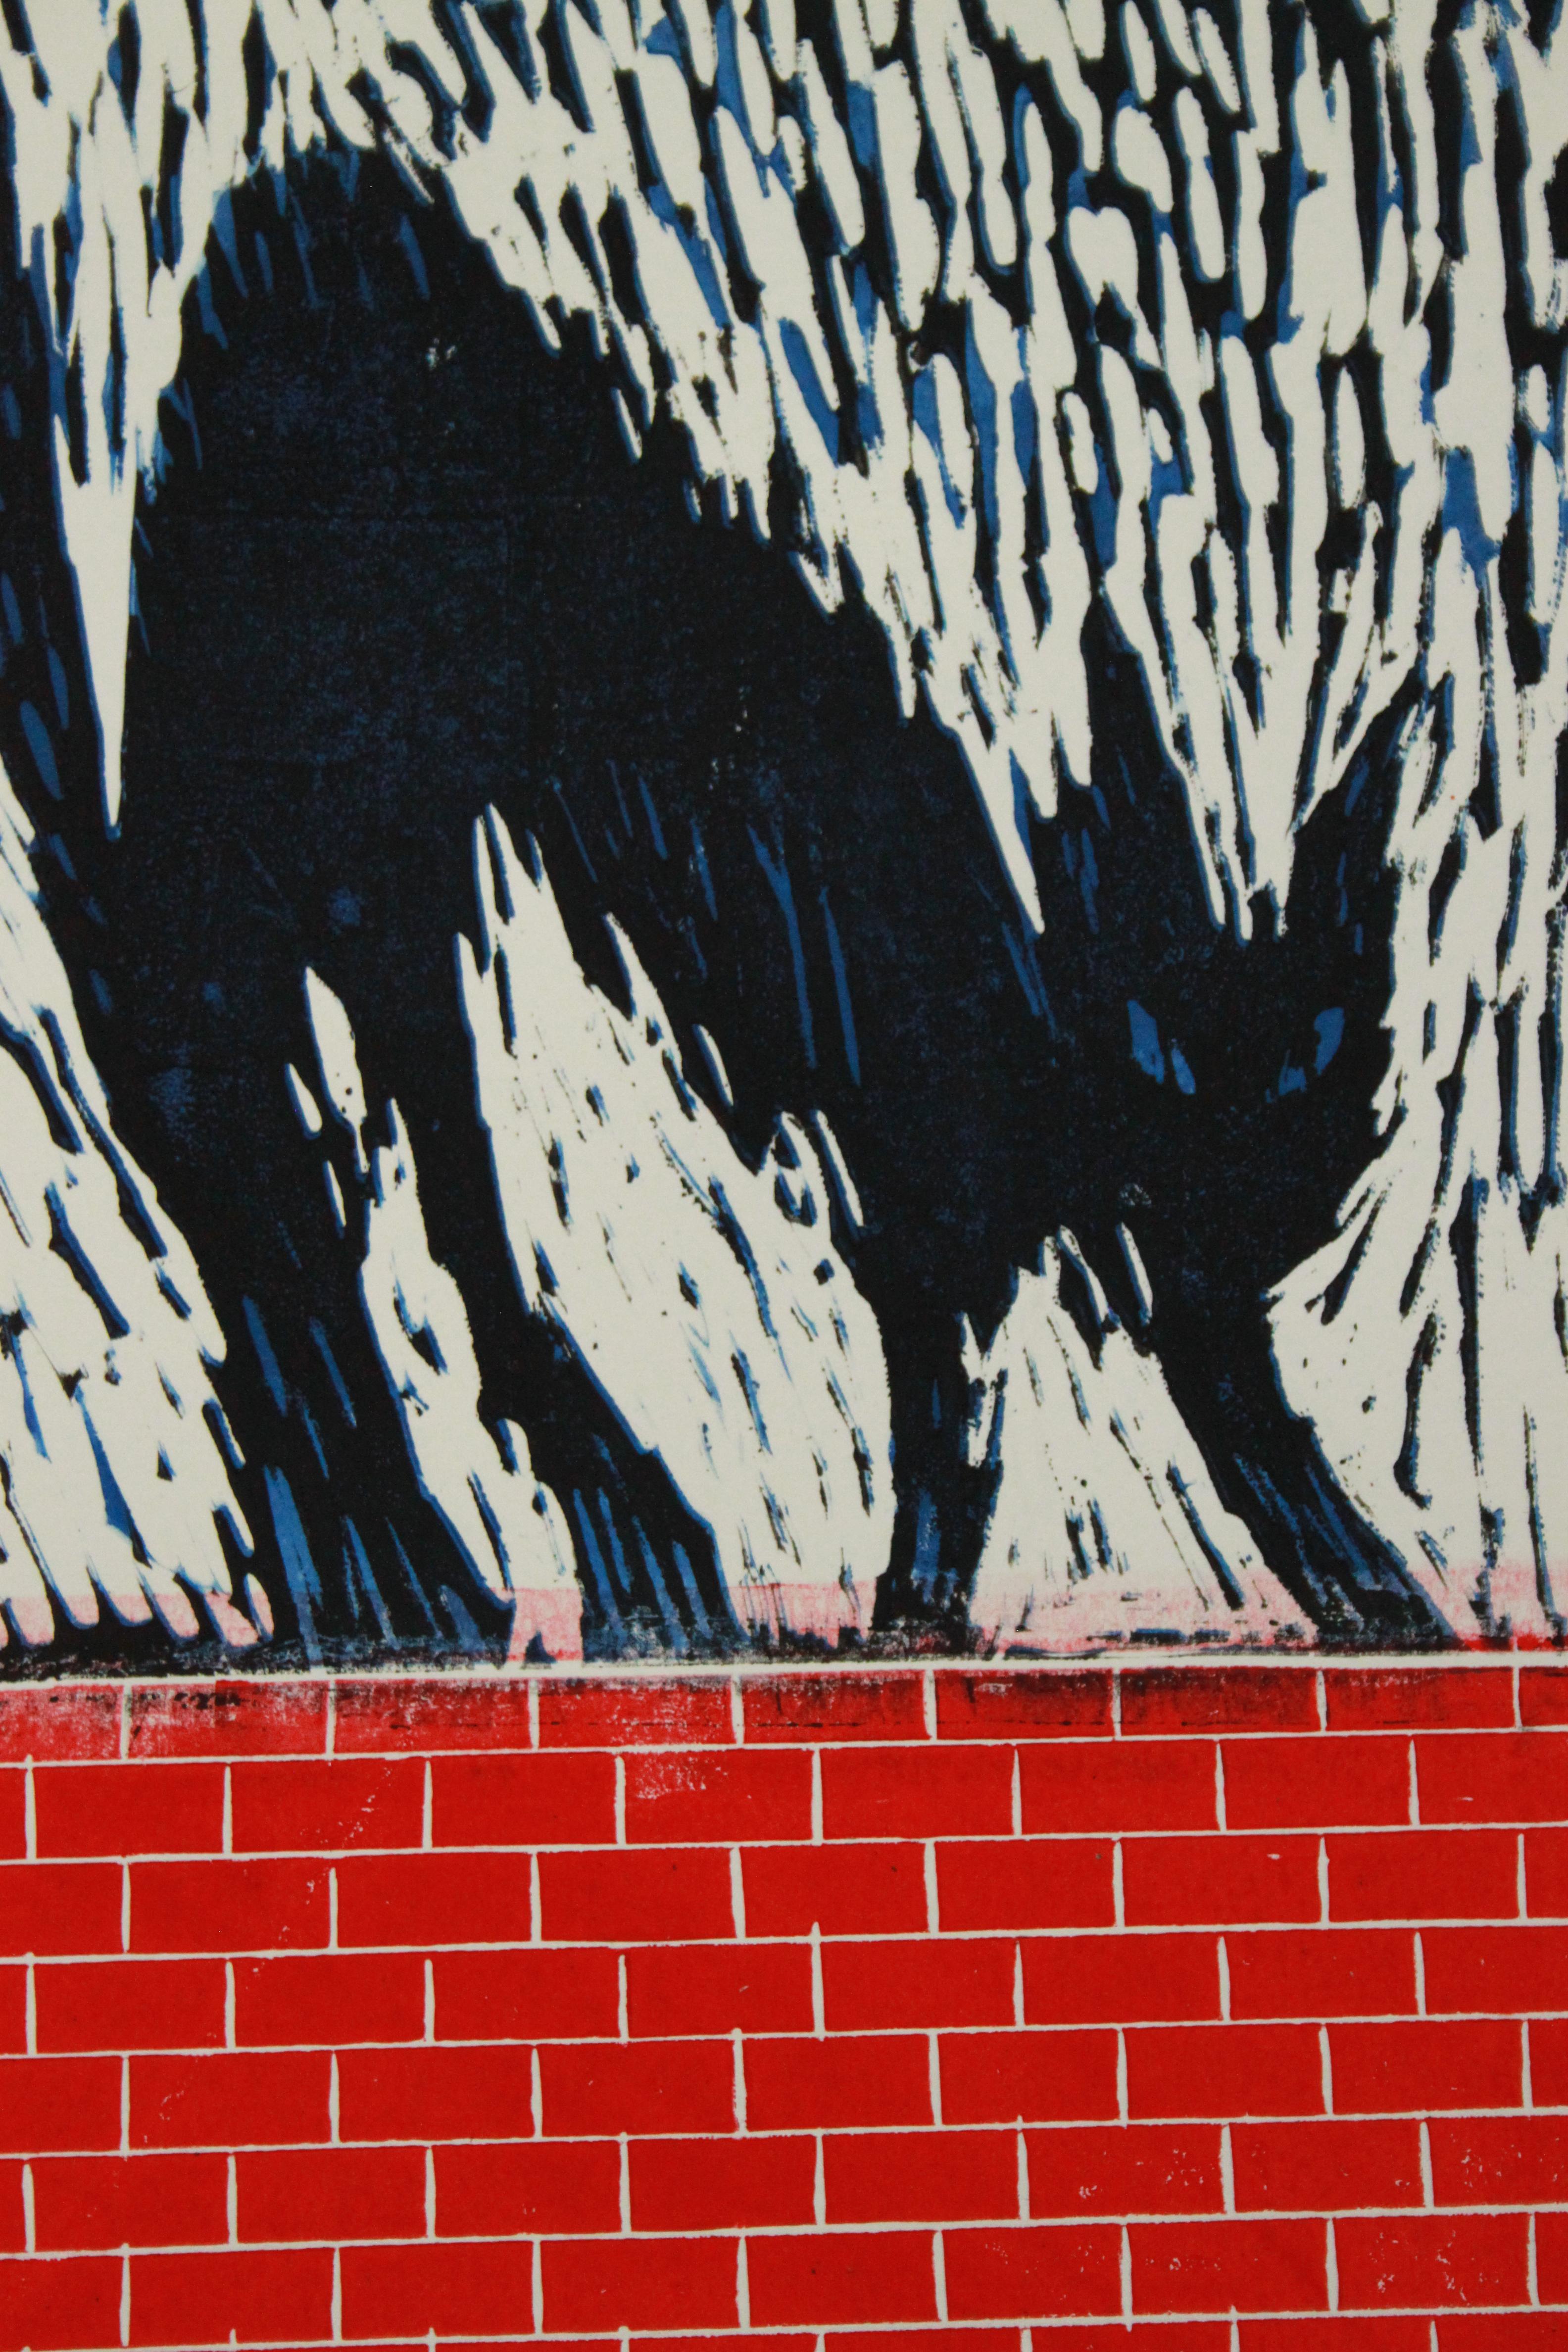 Liam Richardson - Alley Cat detail